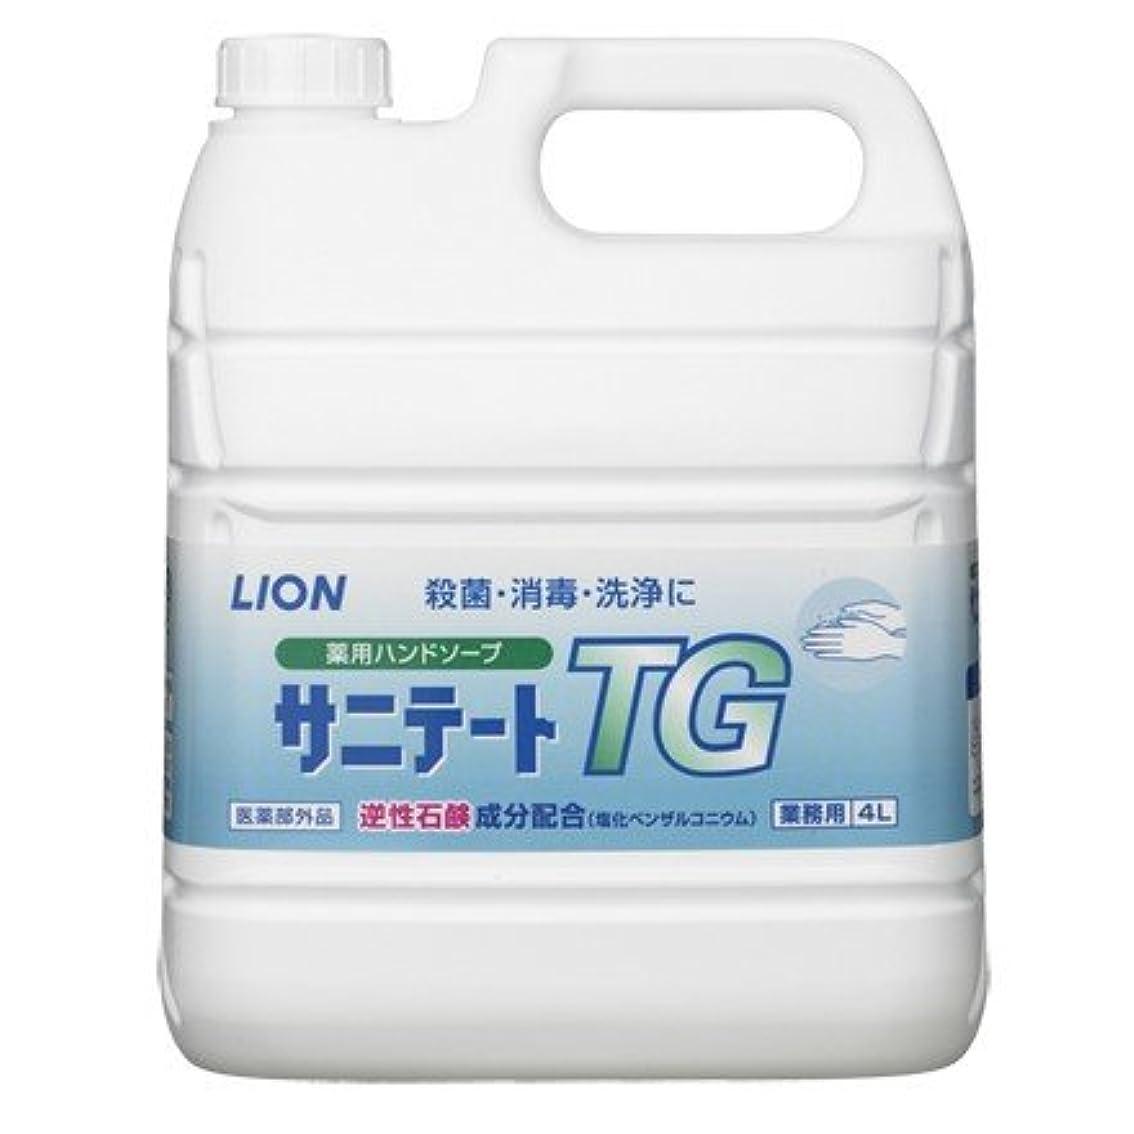 お気に入り時間厳守ヘッジライオン 薬用ハンドソープ サニテートTG 希釈タイプ(逆性石鹸)4L×2本入